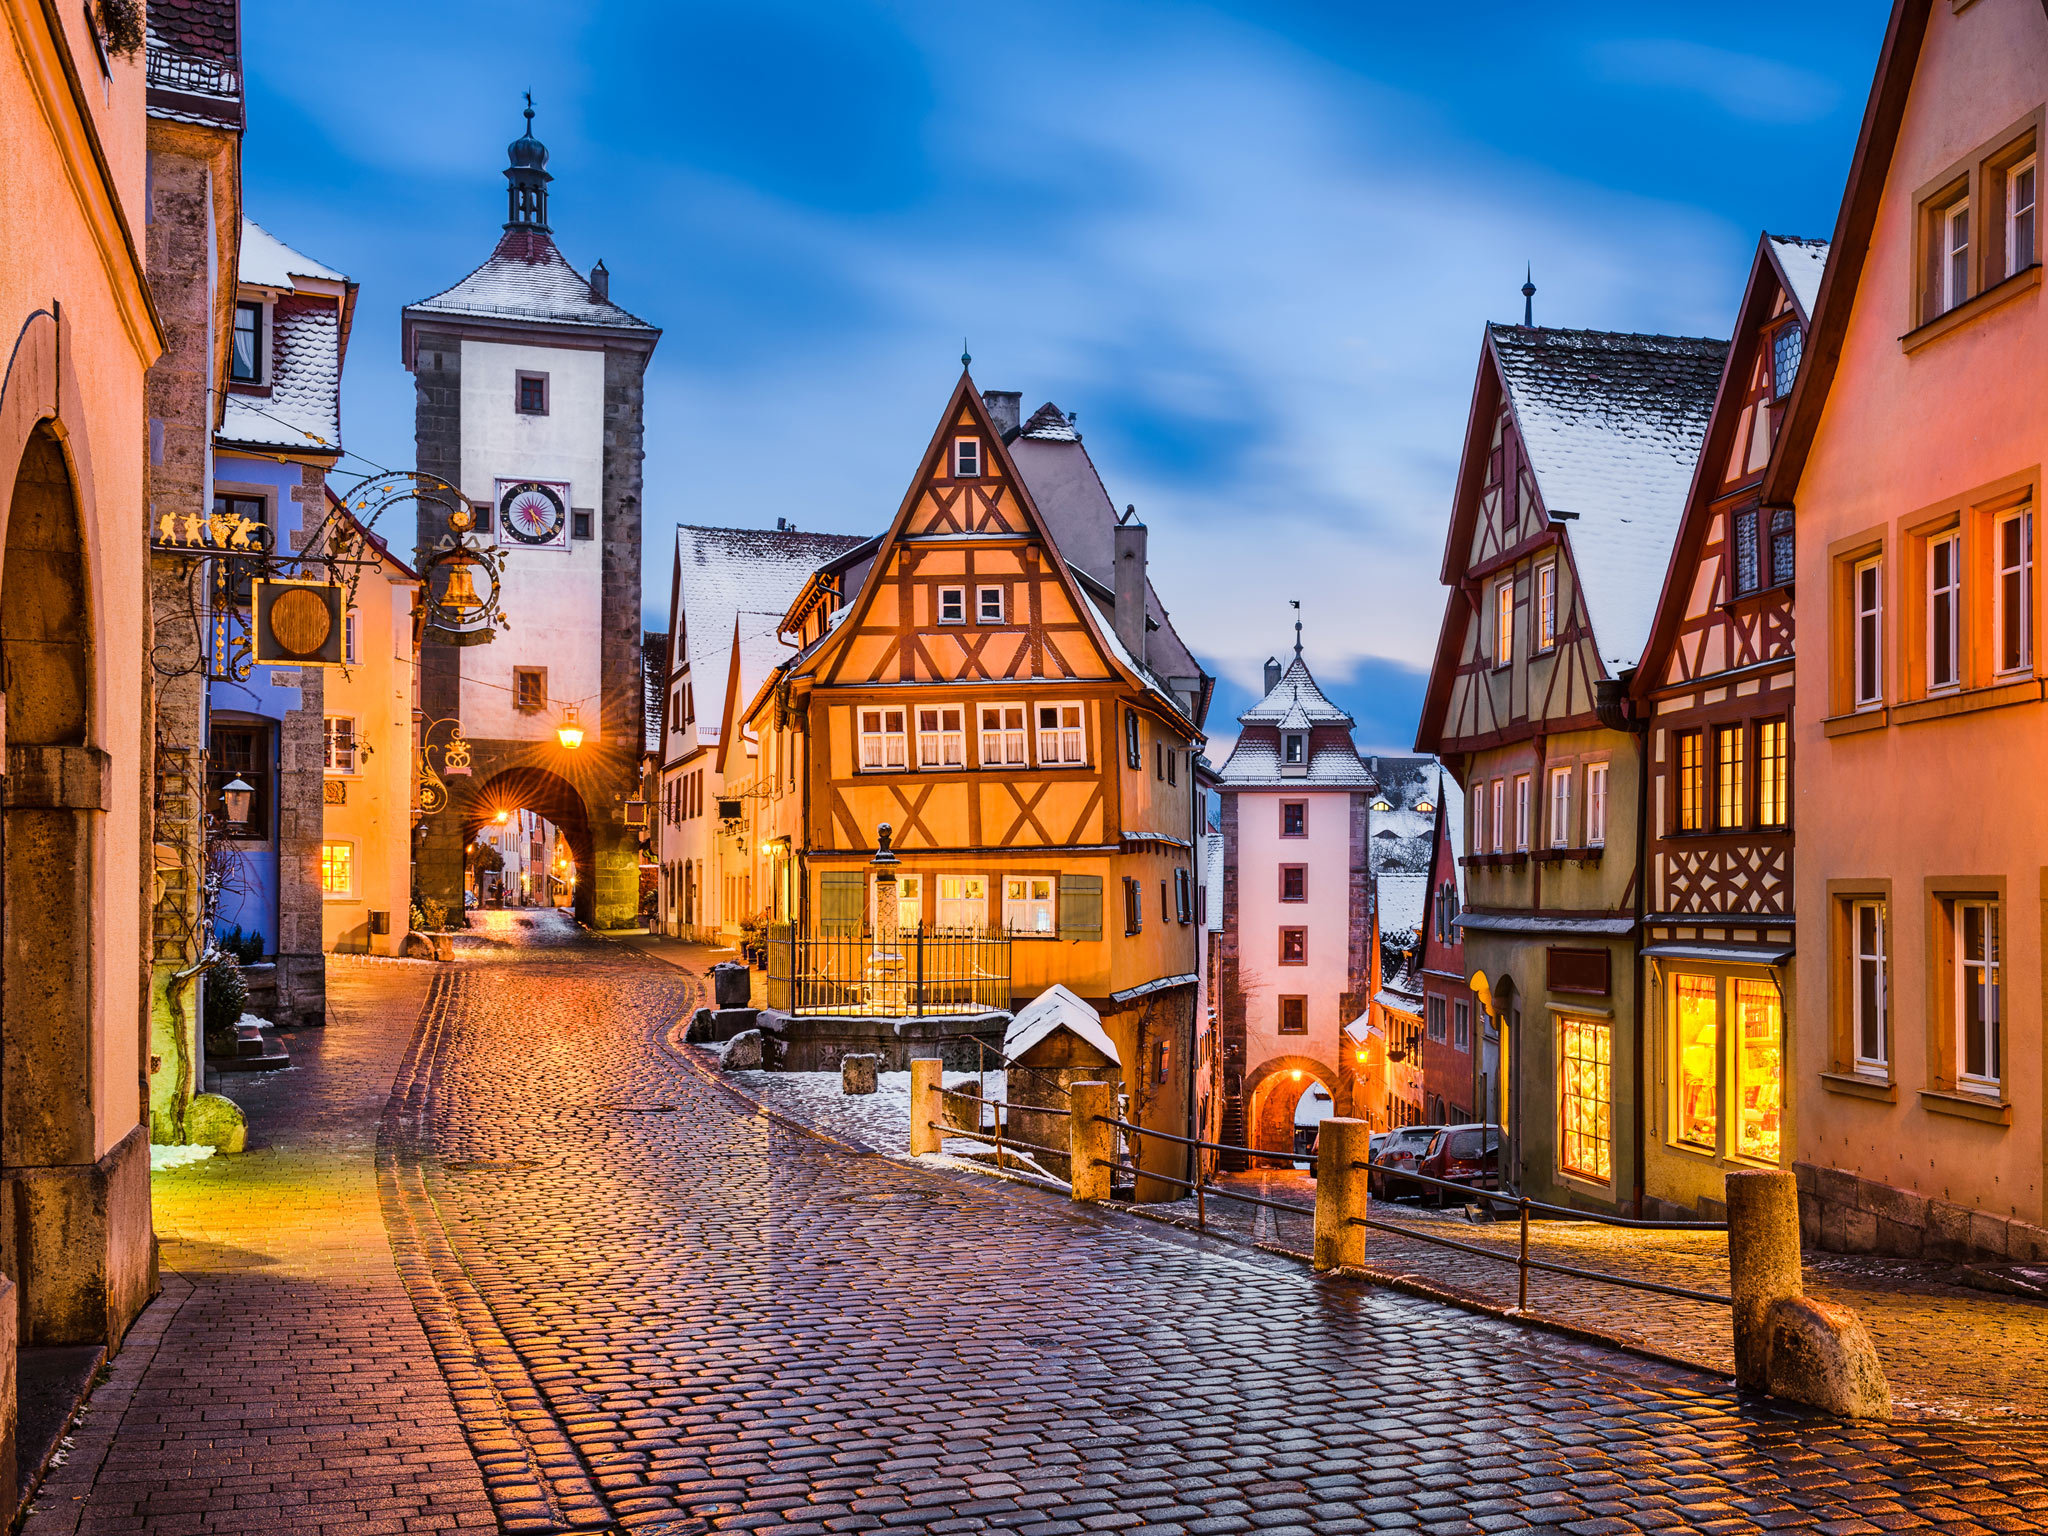 Altstadt street scene